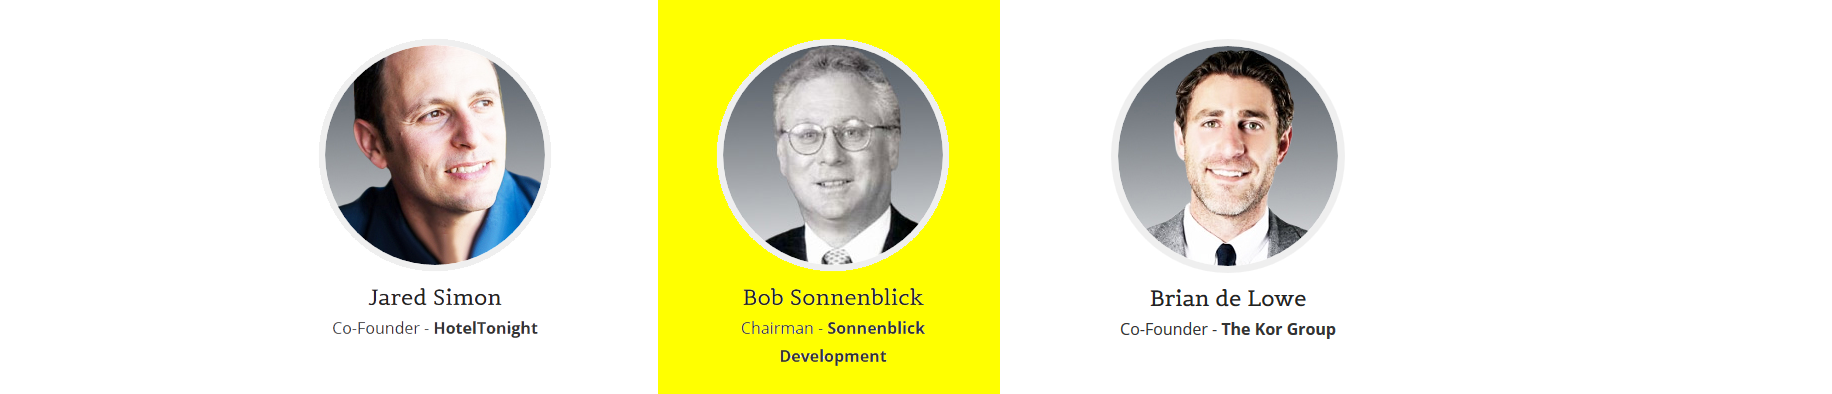 Bliss_2016_Bob_Sonnenblick_Speaker